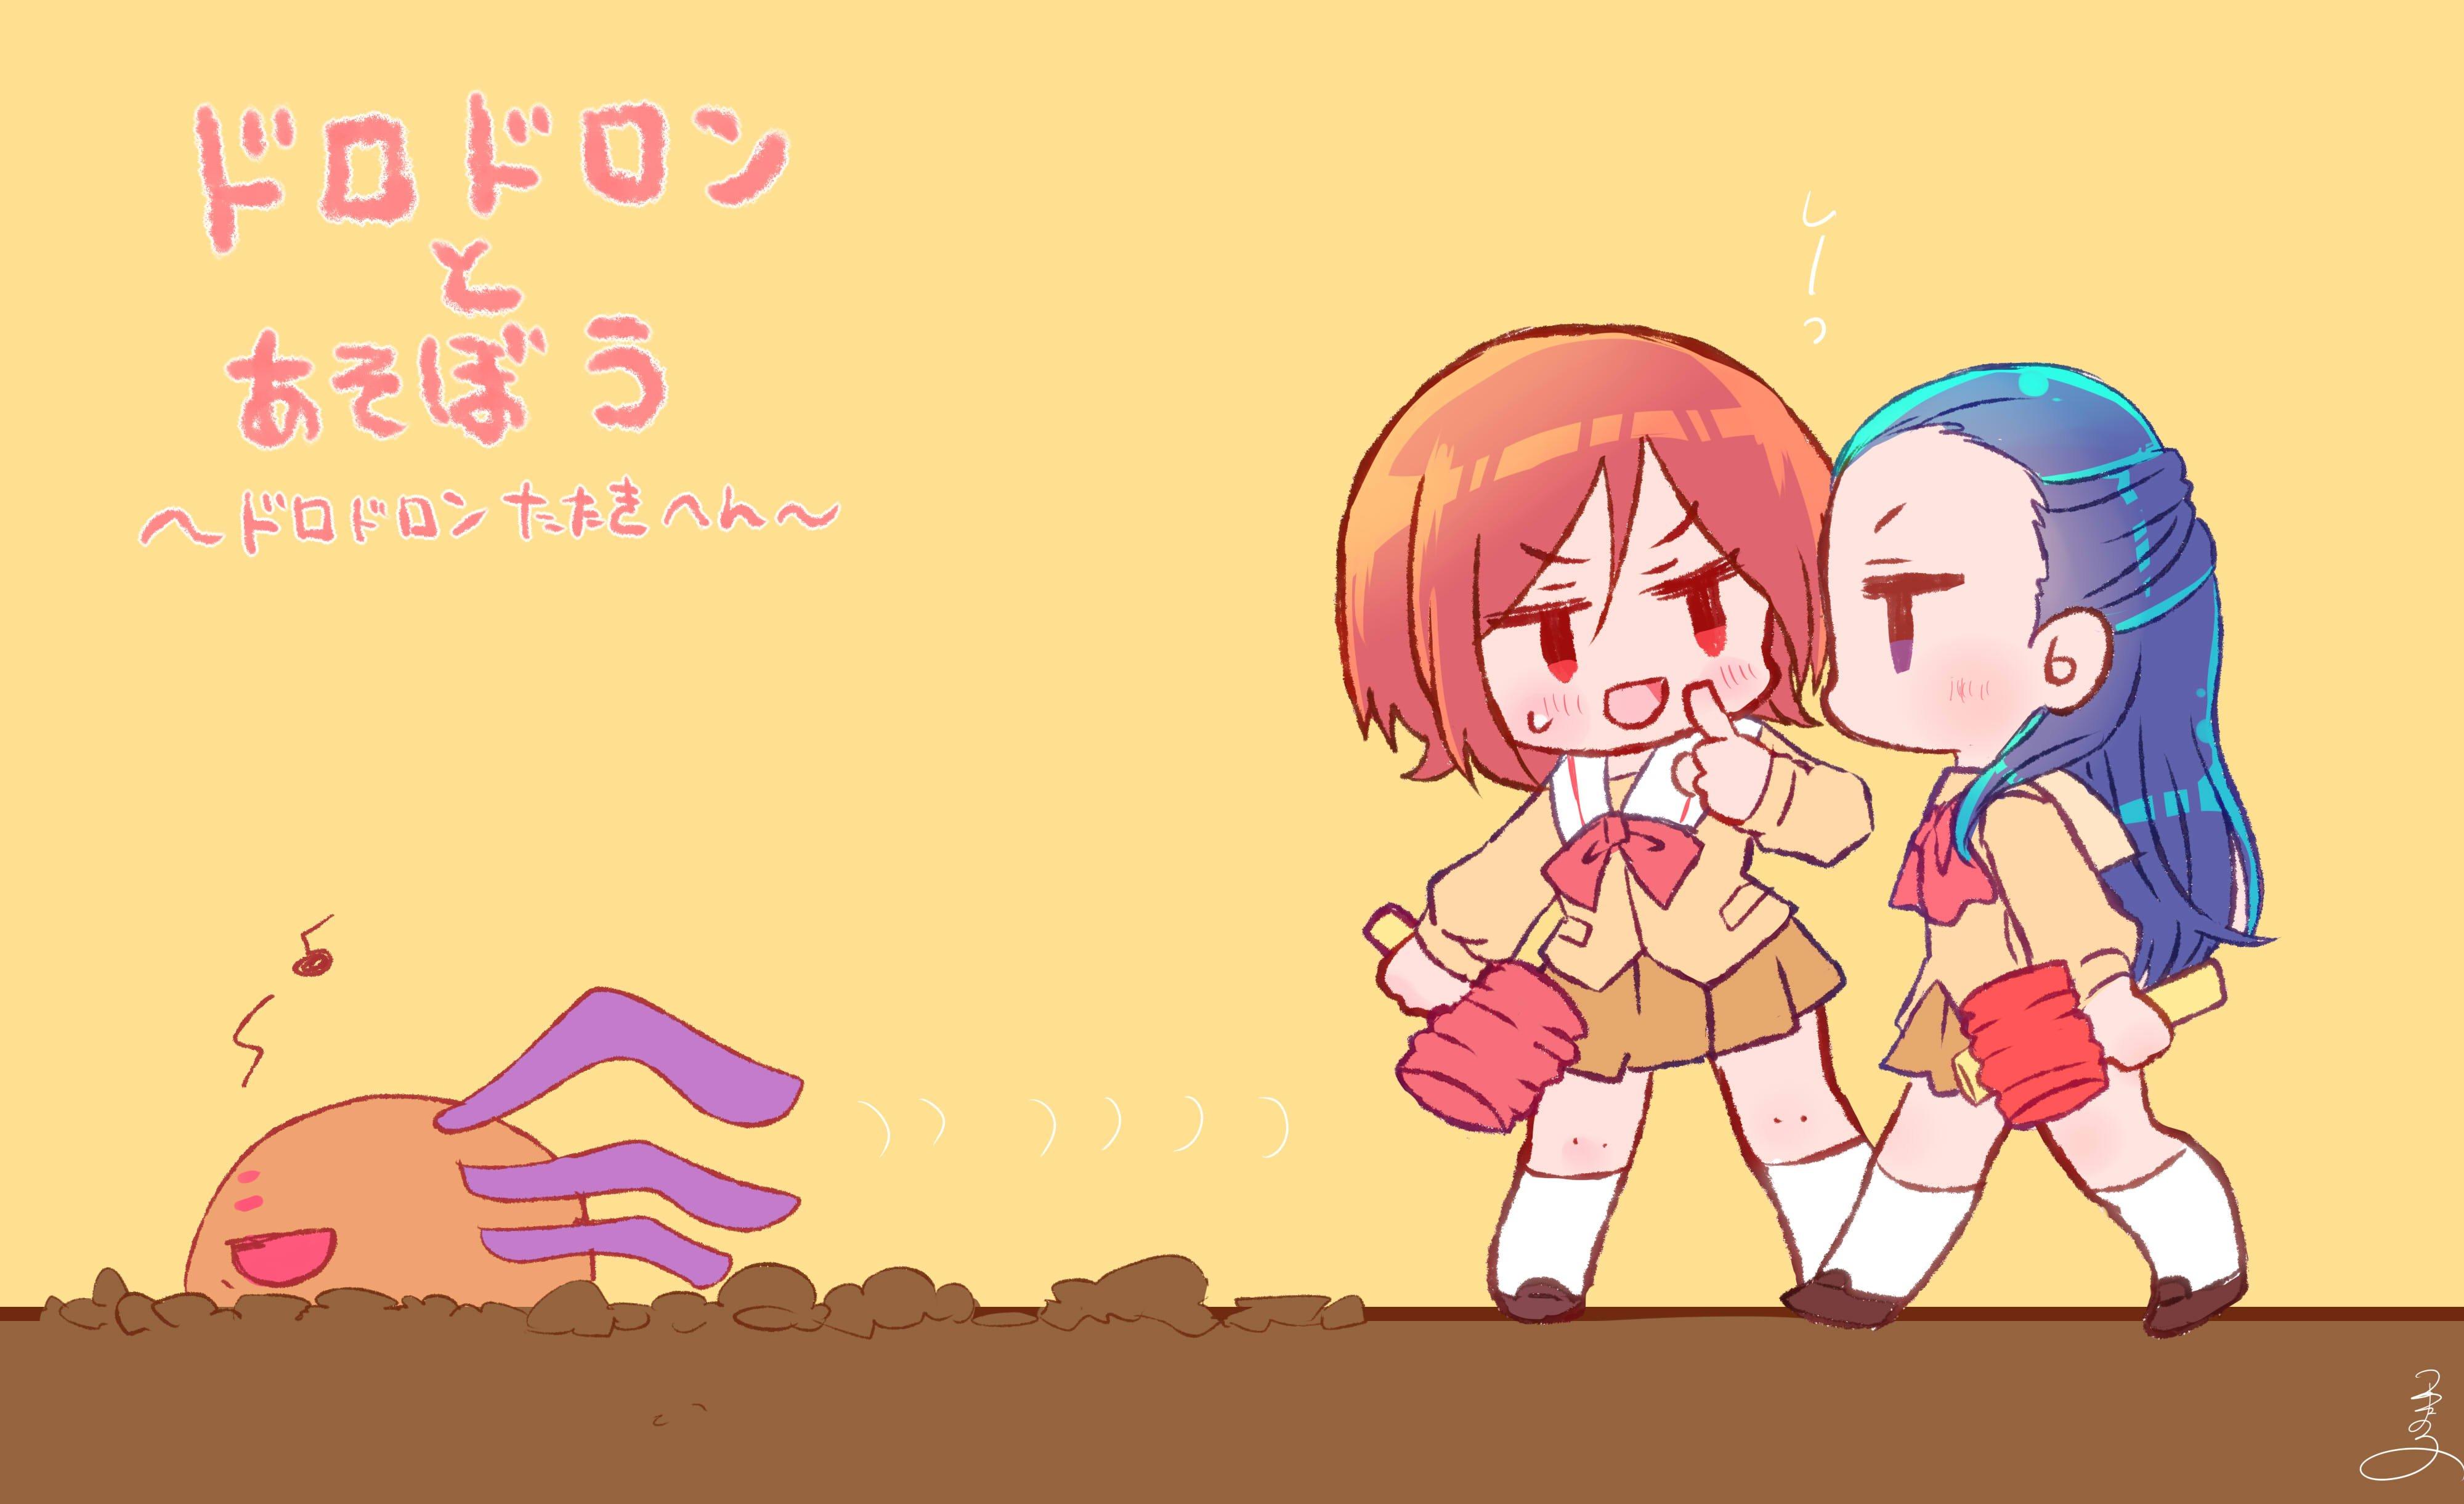 こまつつま子 (@koma_2mako)さんのイラスト